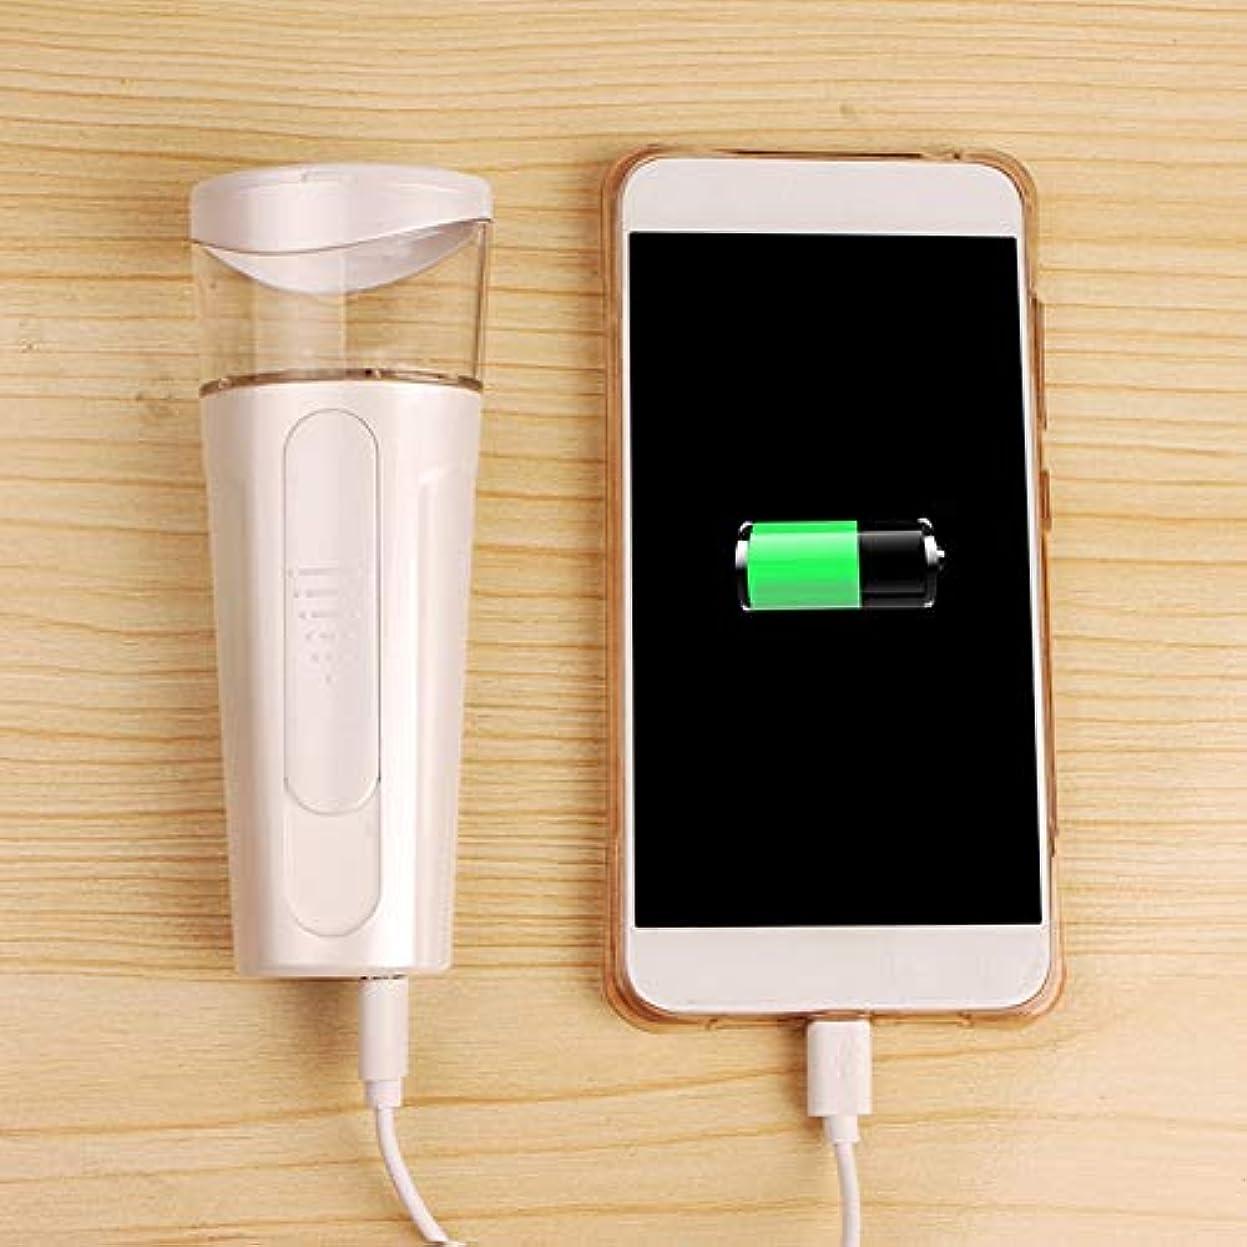 王子塩ラインナップナノ保湿スプレー ナノイオン フェイシャルスチーム 深い保湿 スキンケア コールドフォグ 化粧鏡 USB充電 モバイルバッテリー (Color : White)